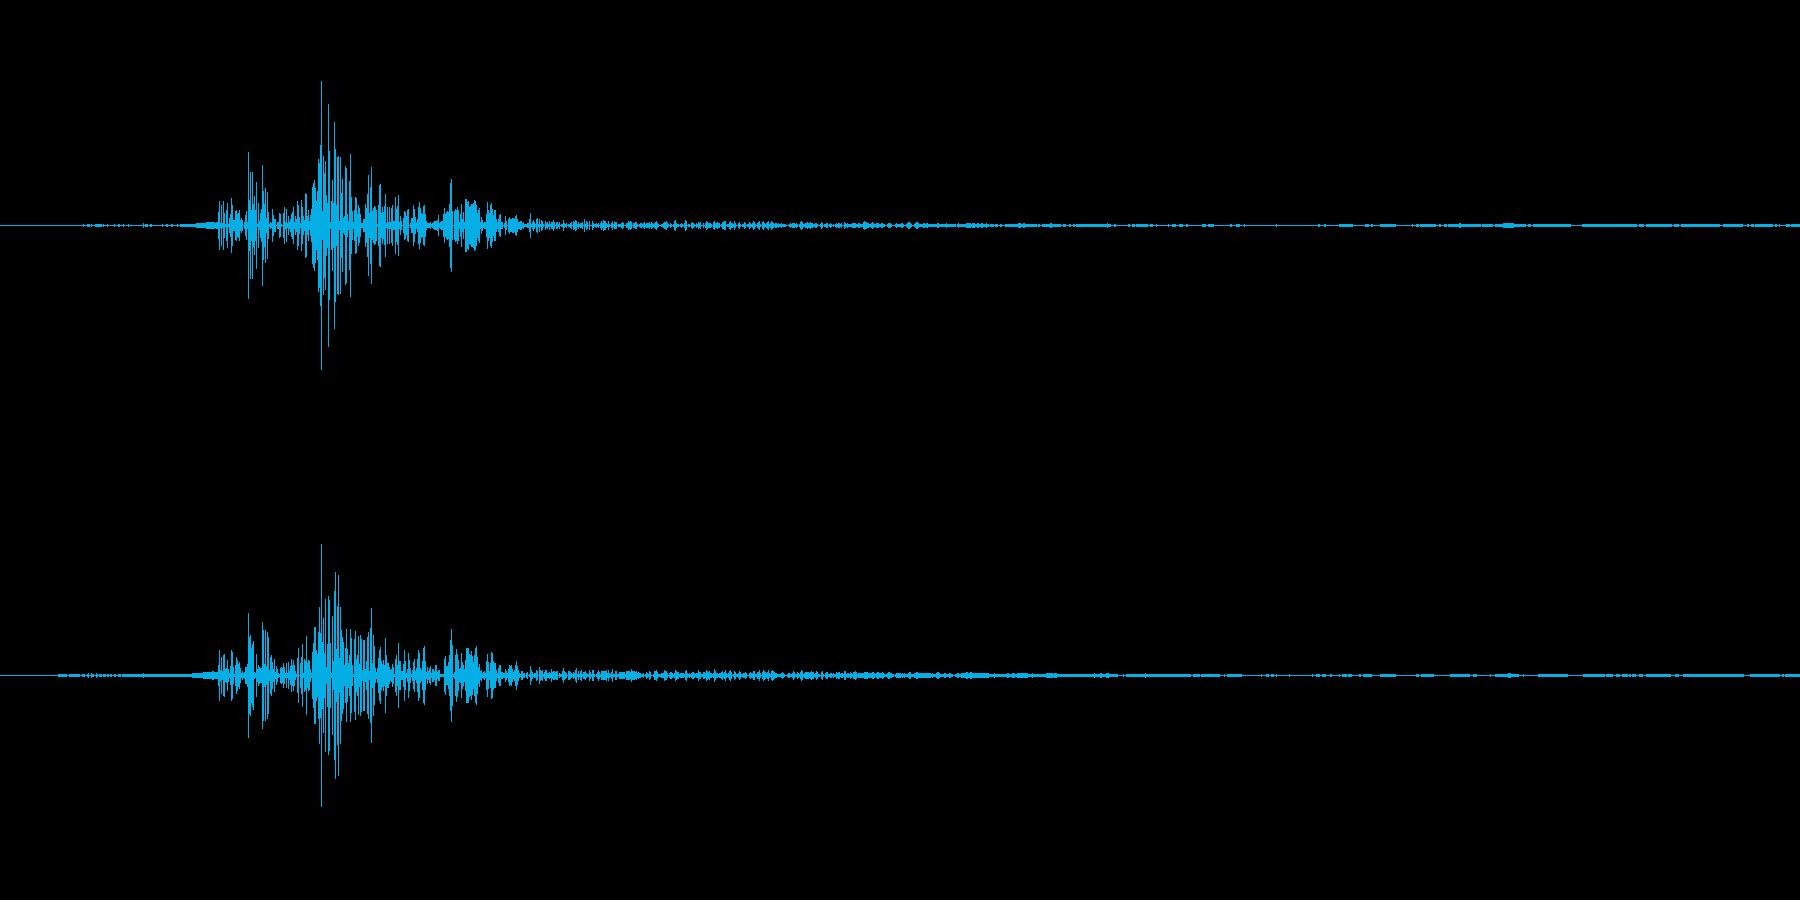 一般的なクリック音です。の再生済みの波形